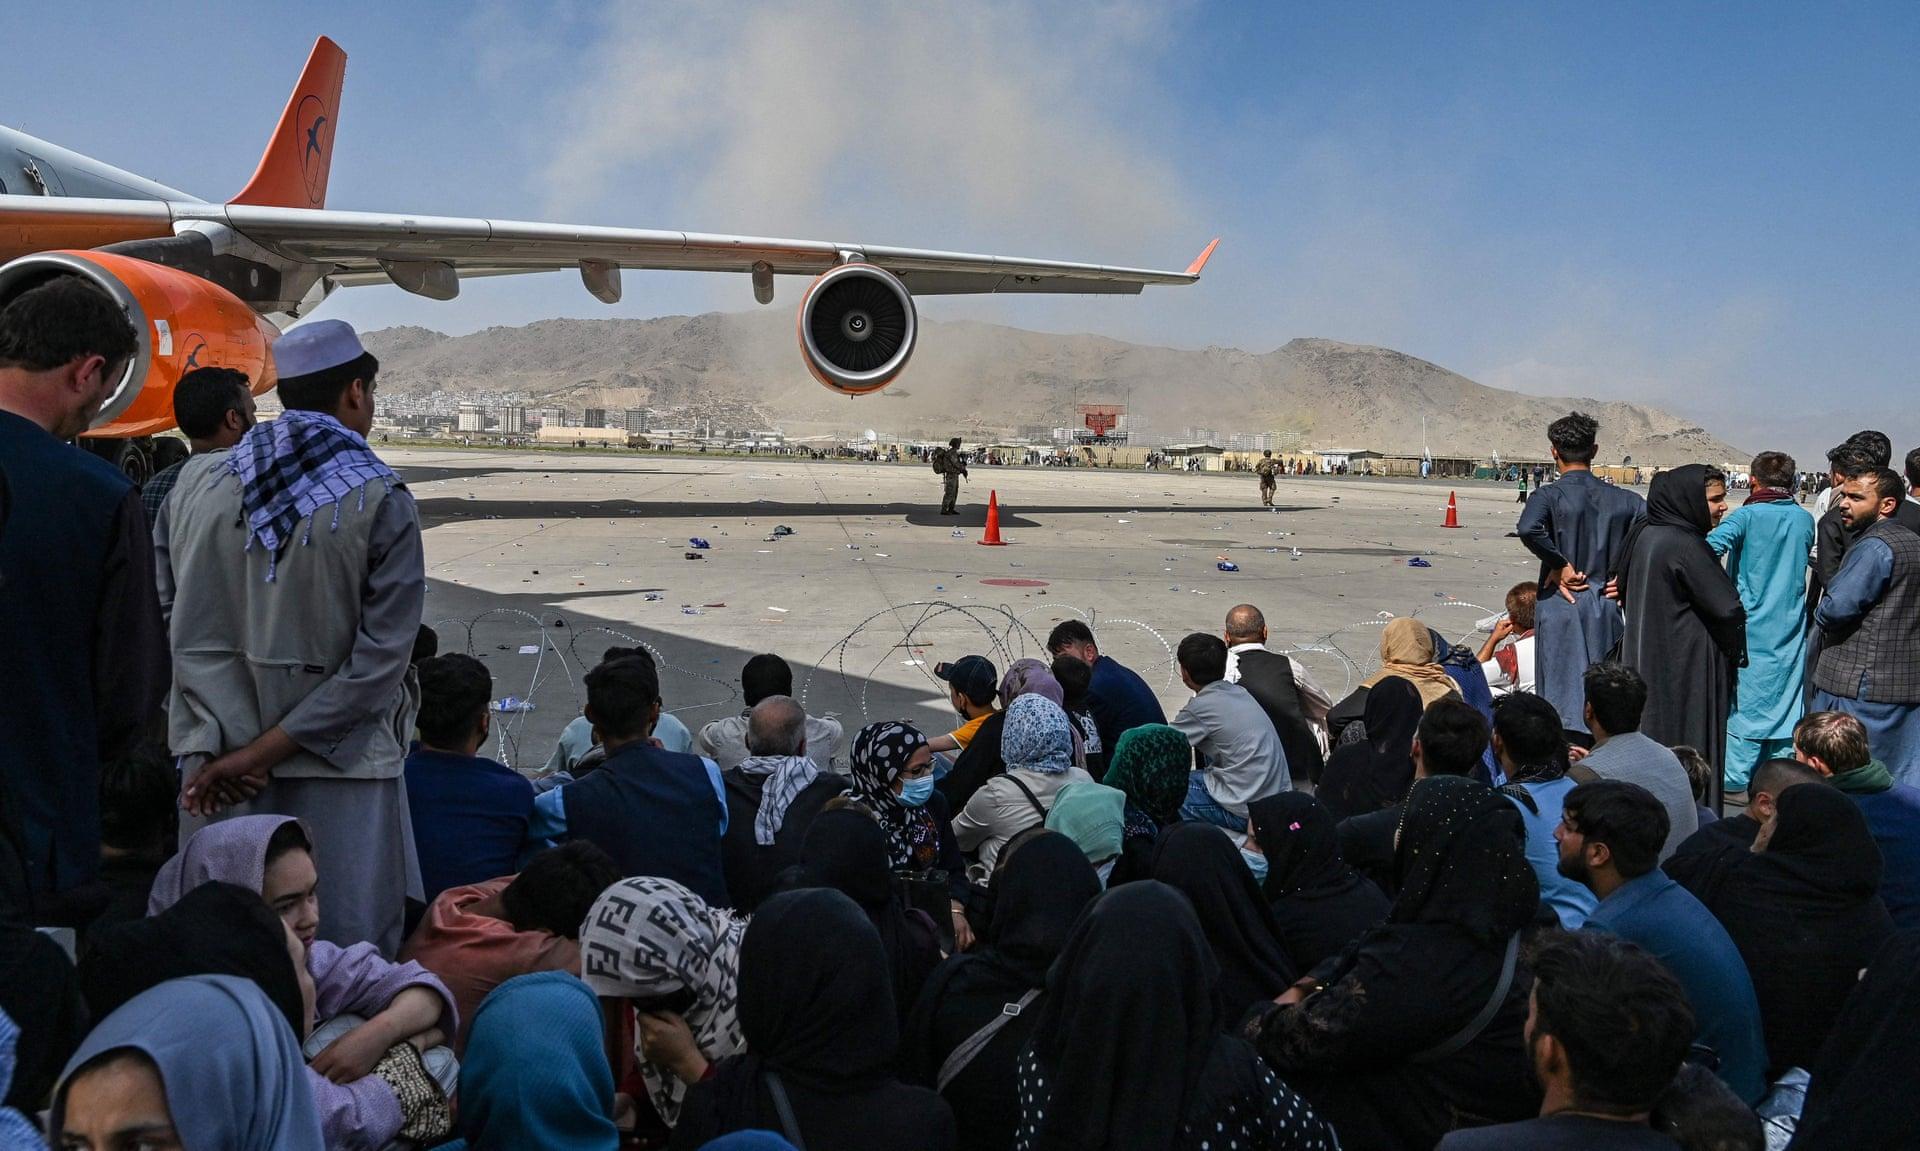 Украина высылает в Афганистан спецрейс для эвакуации 153 человек